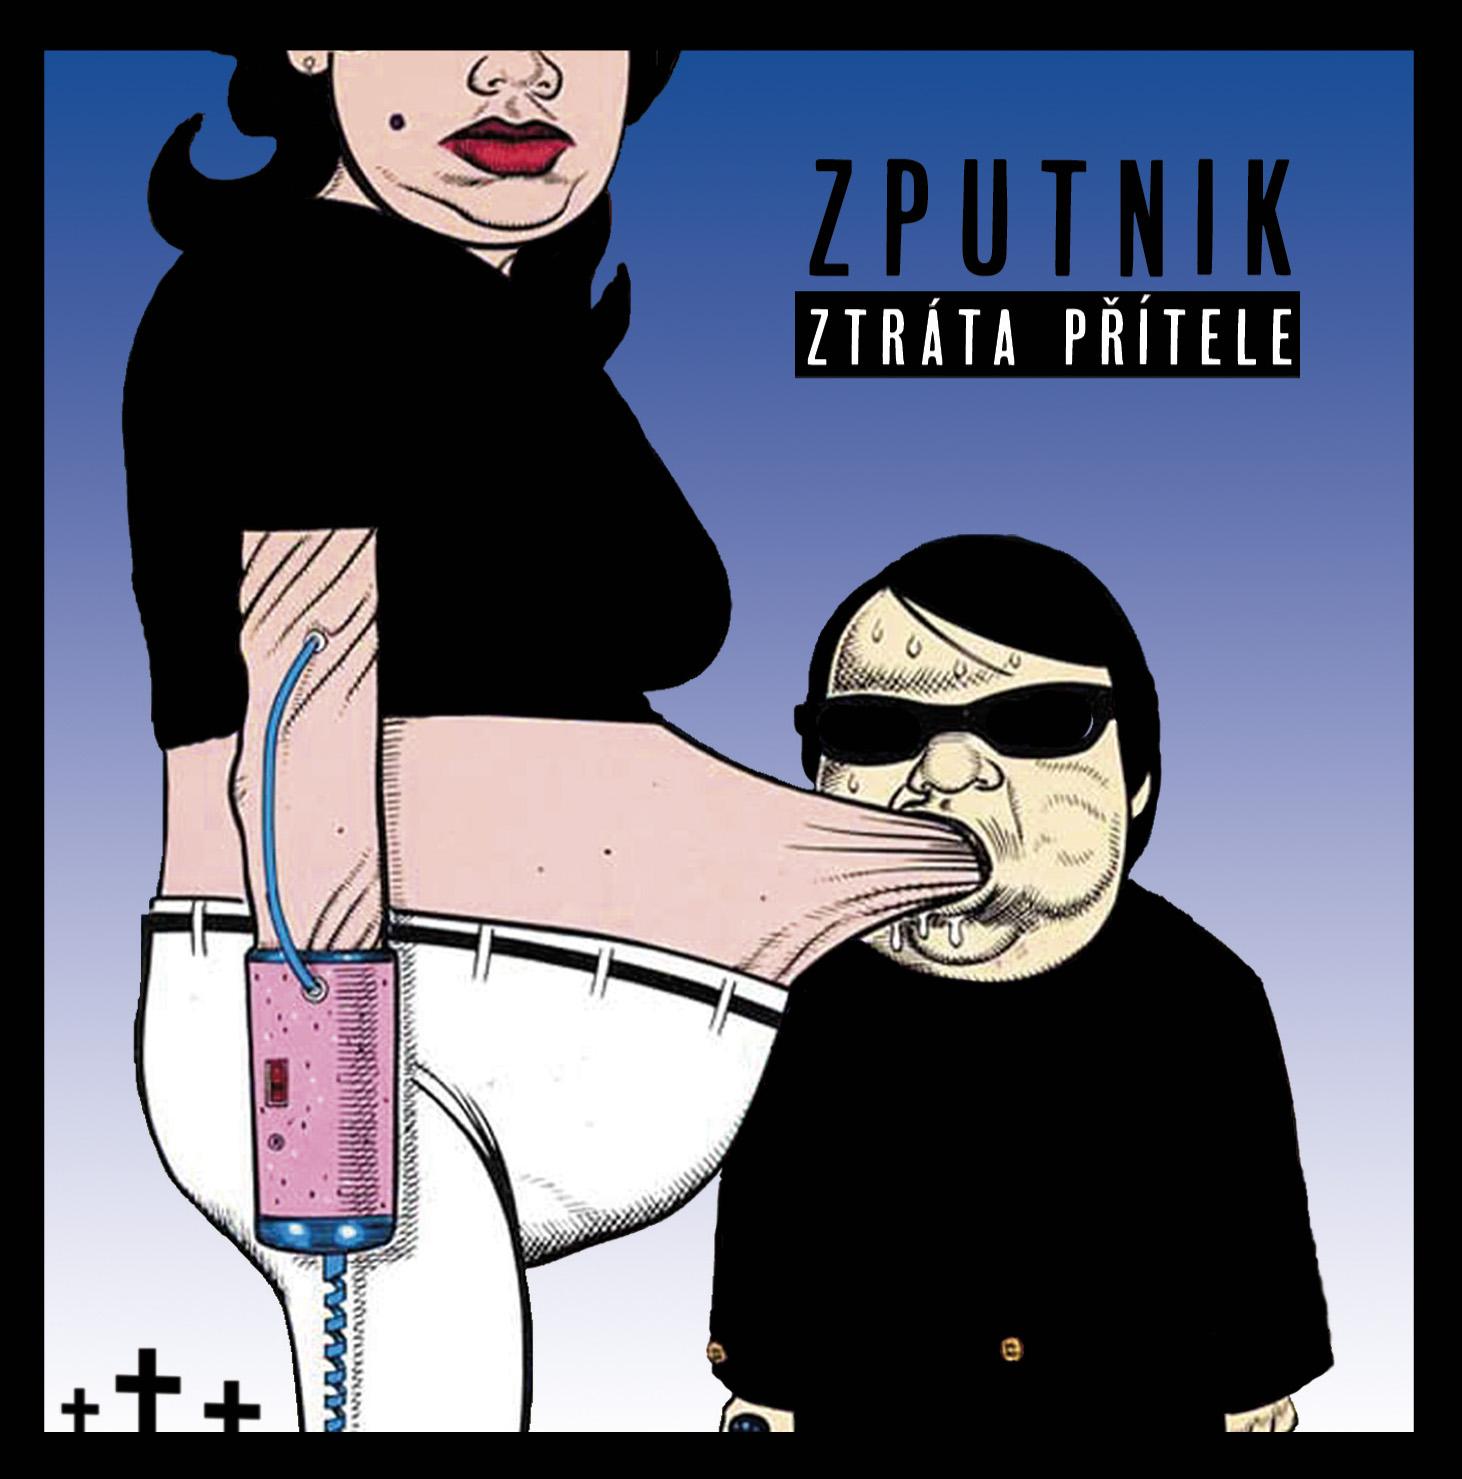 CD Zputnik - Ztráta přítele